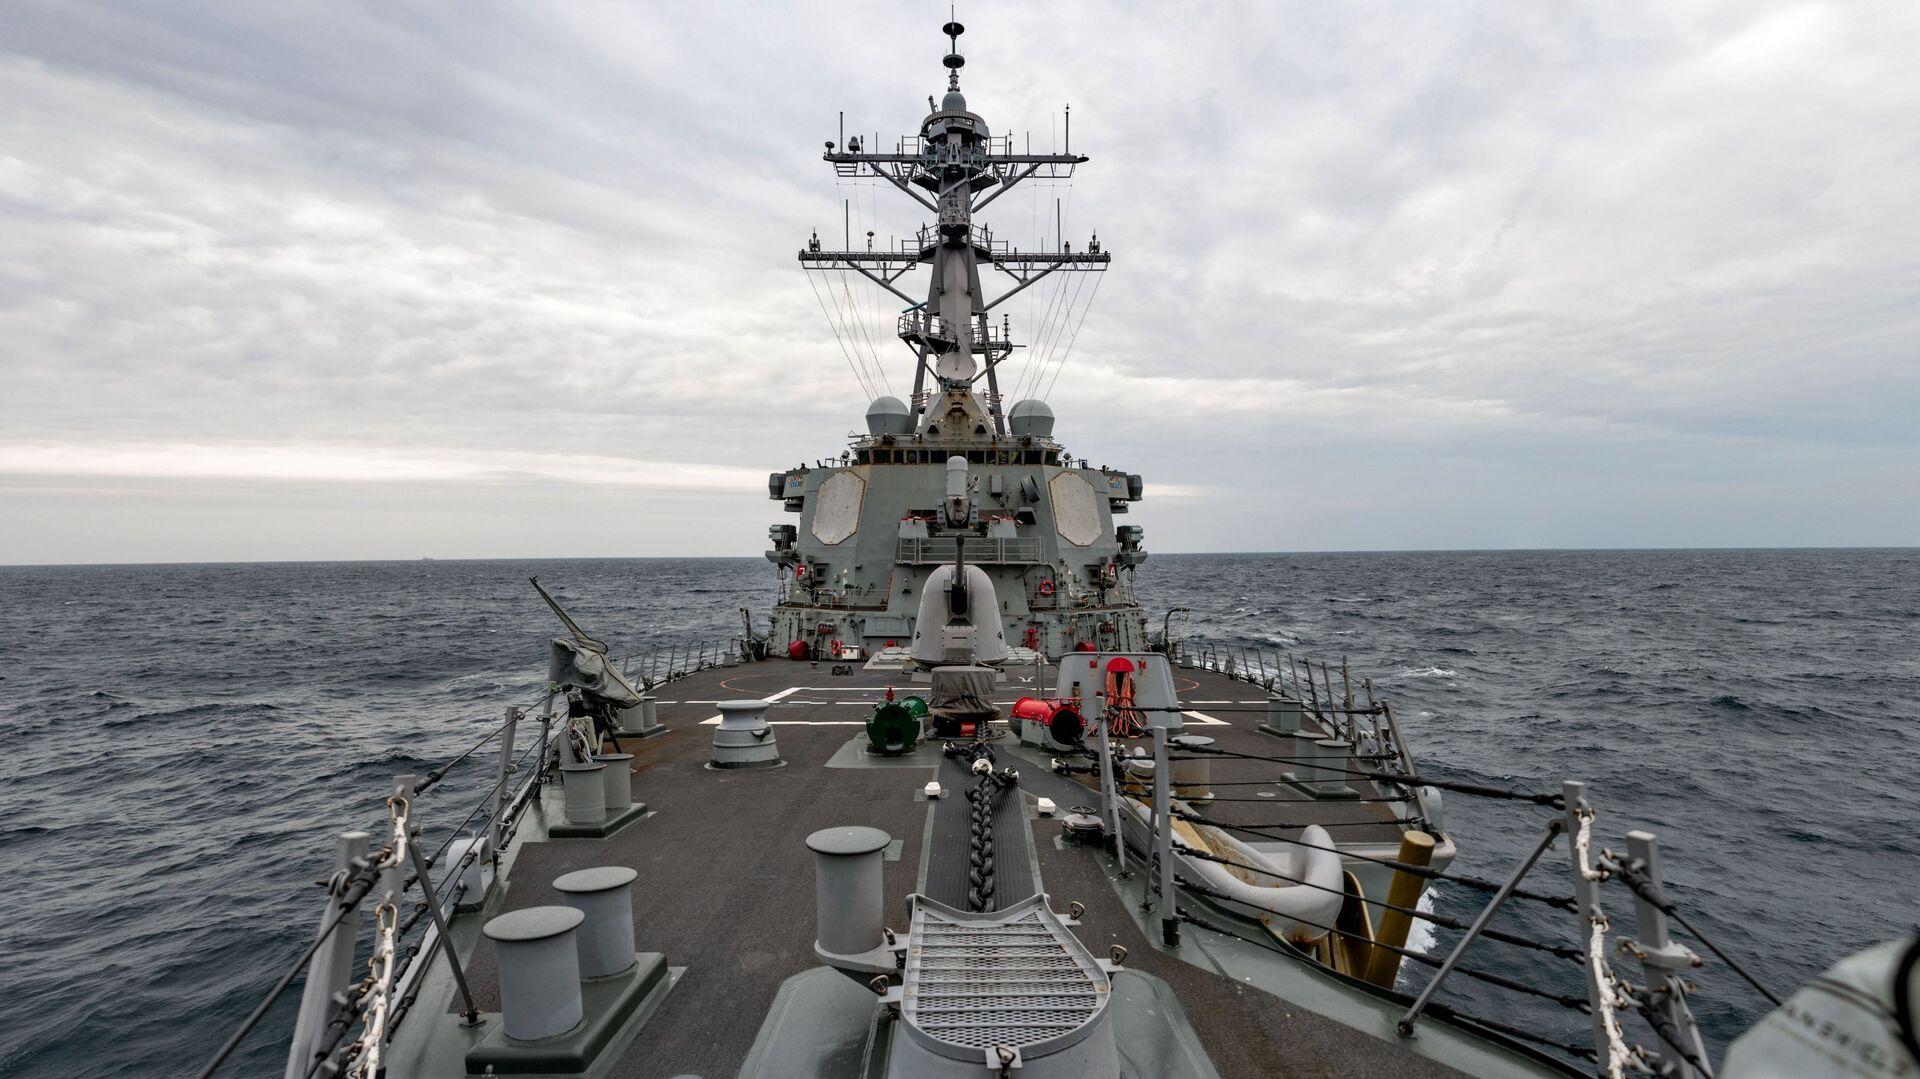 USS Barry naviga attraverso lo stretto di Taiwan il 23 aprile 2020 - Sputnik Italia, 1920, 25.07.2021